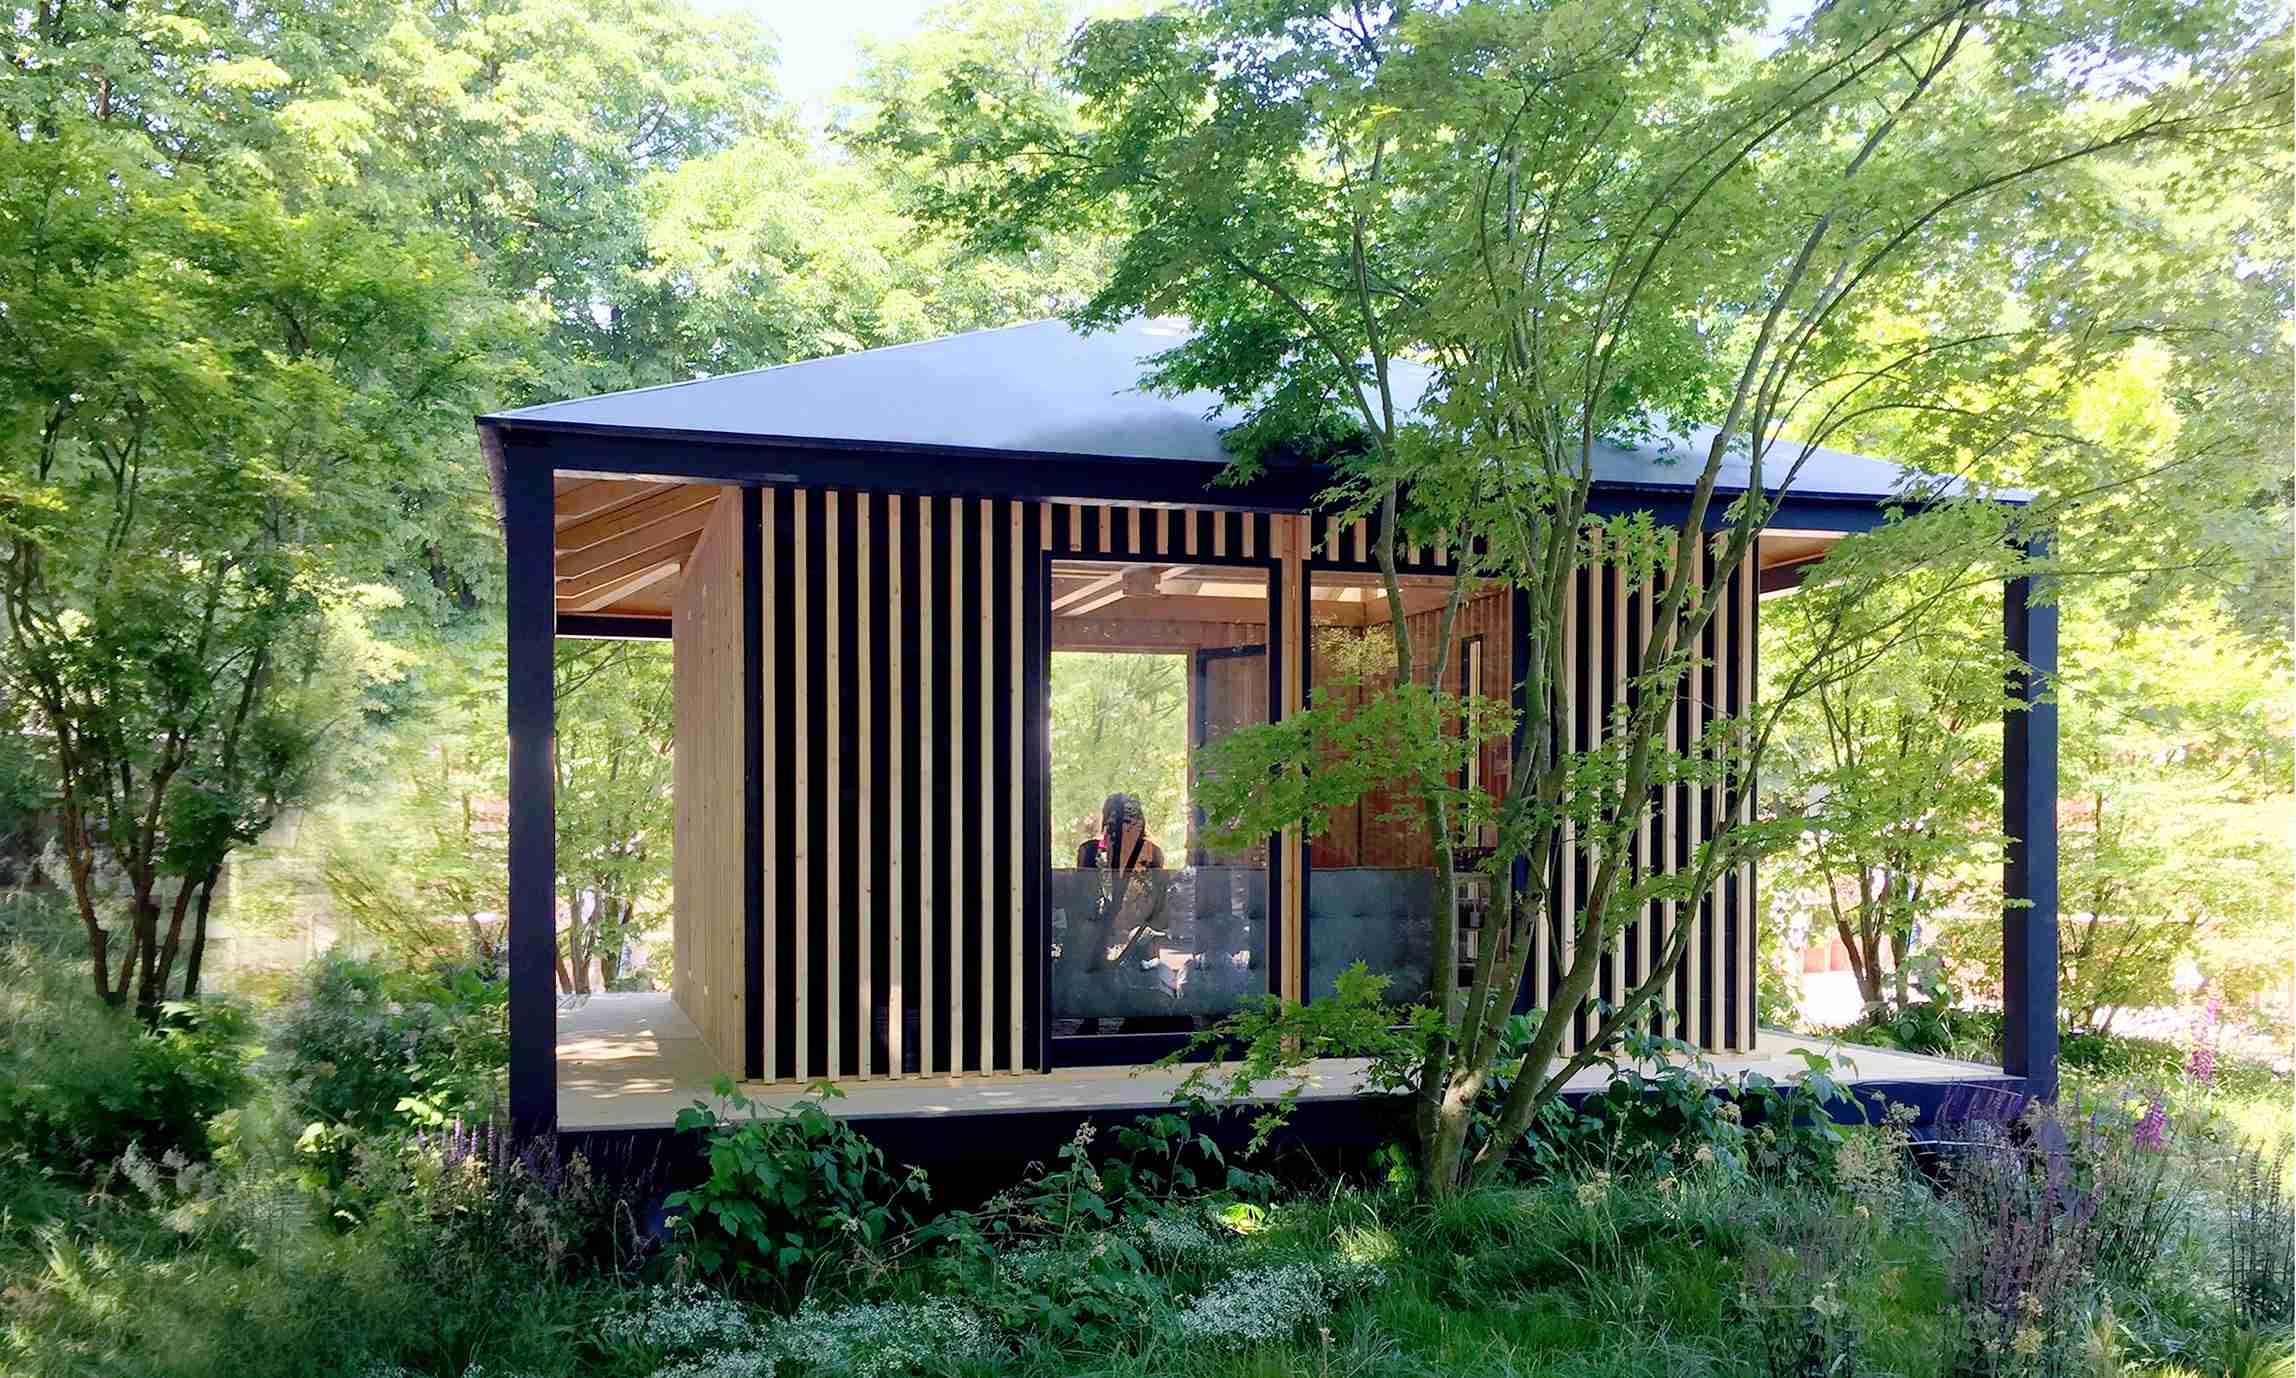 Cabane Kobé dans la nature, lieu de méditation dans le jardin.